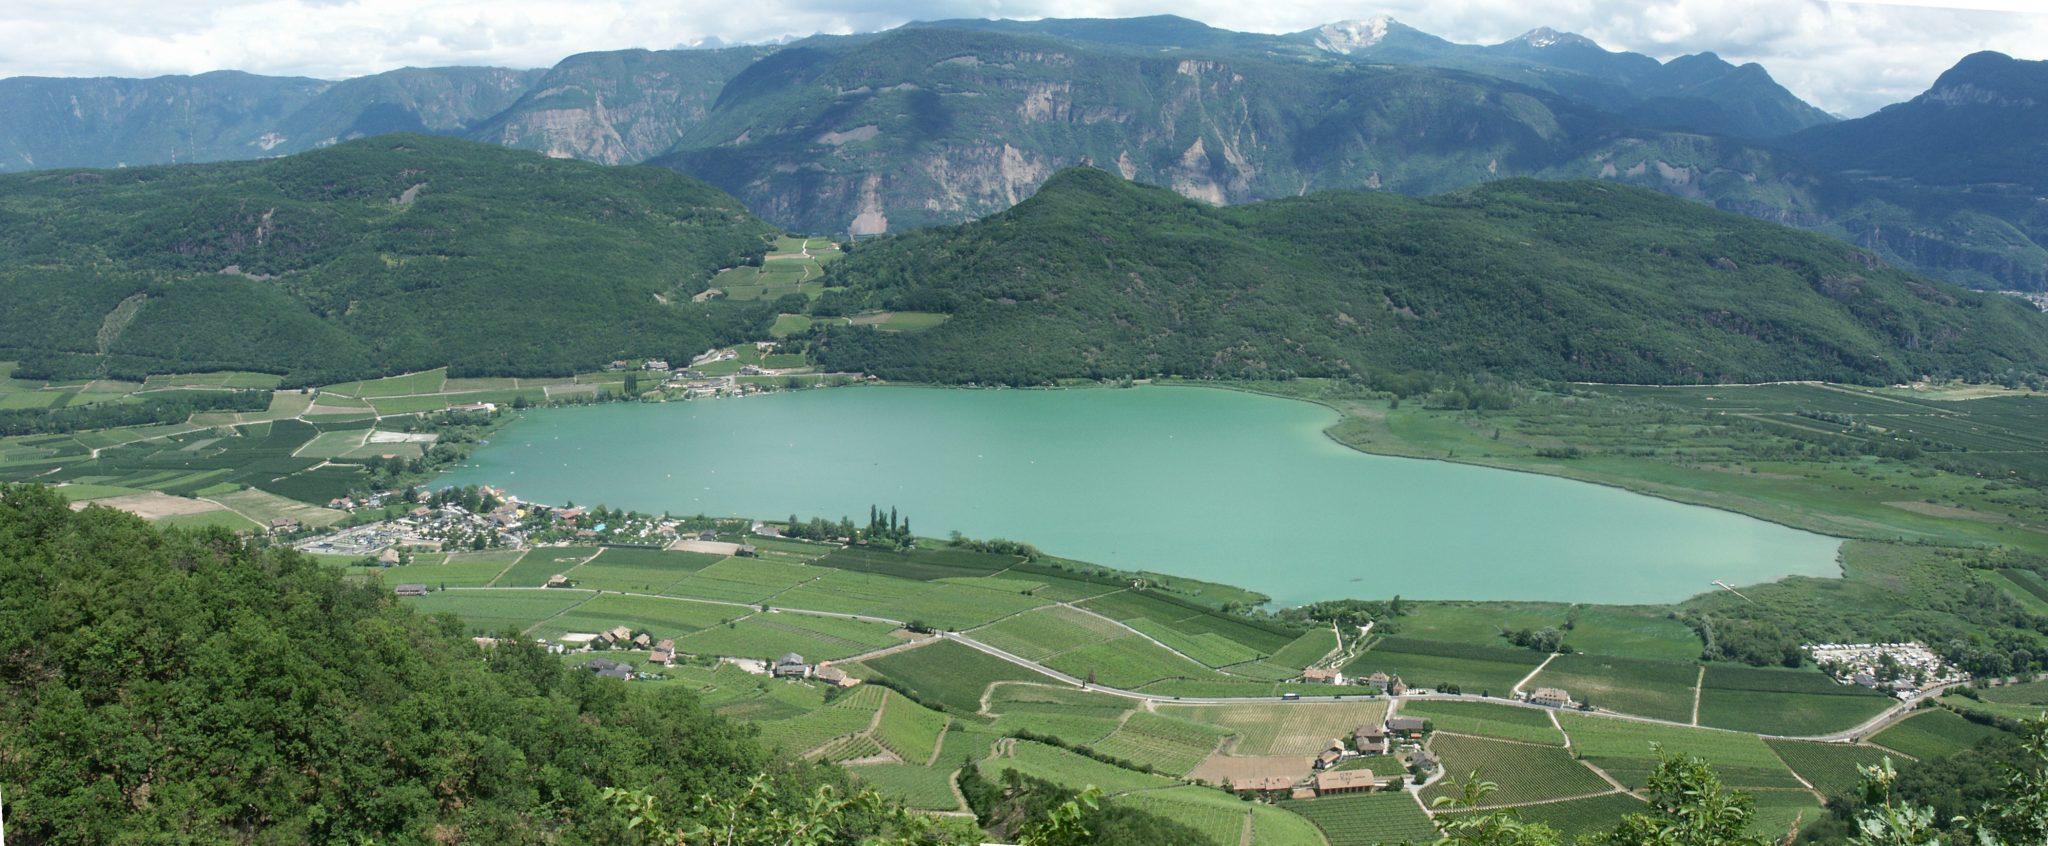 Alto adige florian massenz trovato morto vicino al lago for Lago vicino milano